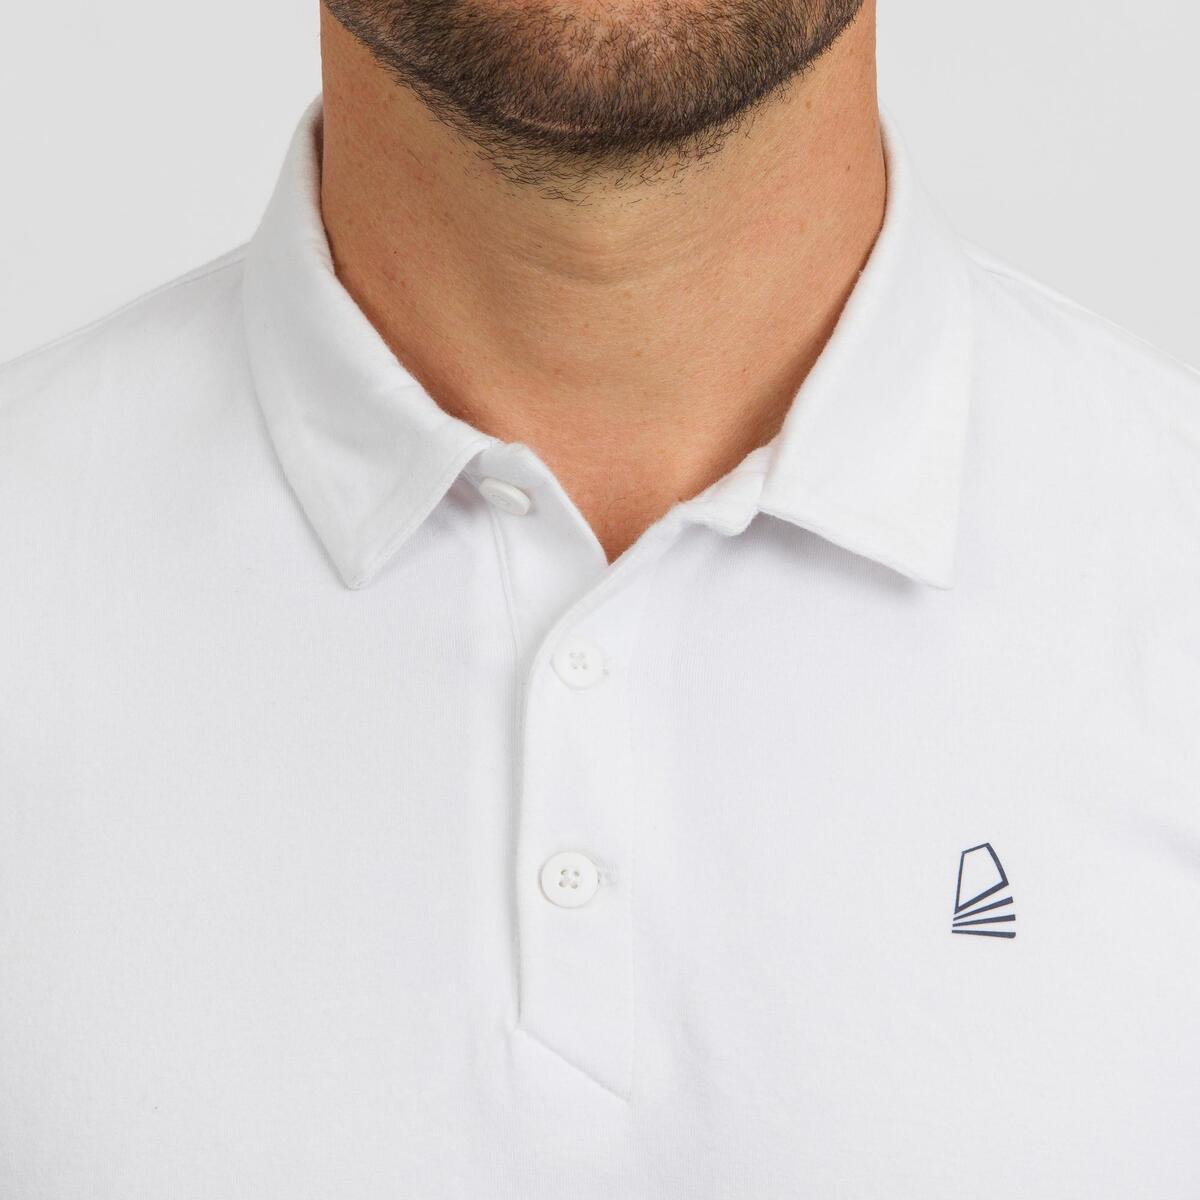 Bild 5 von Poloshirt kurzarm Sailing 100 Herren weiß